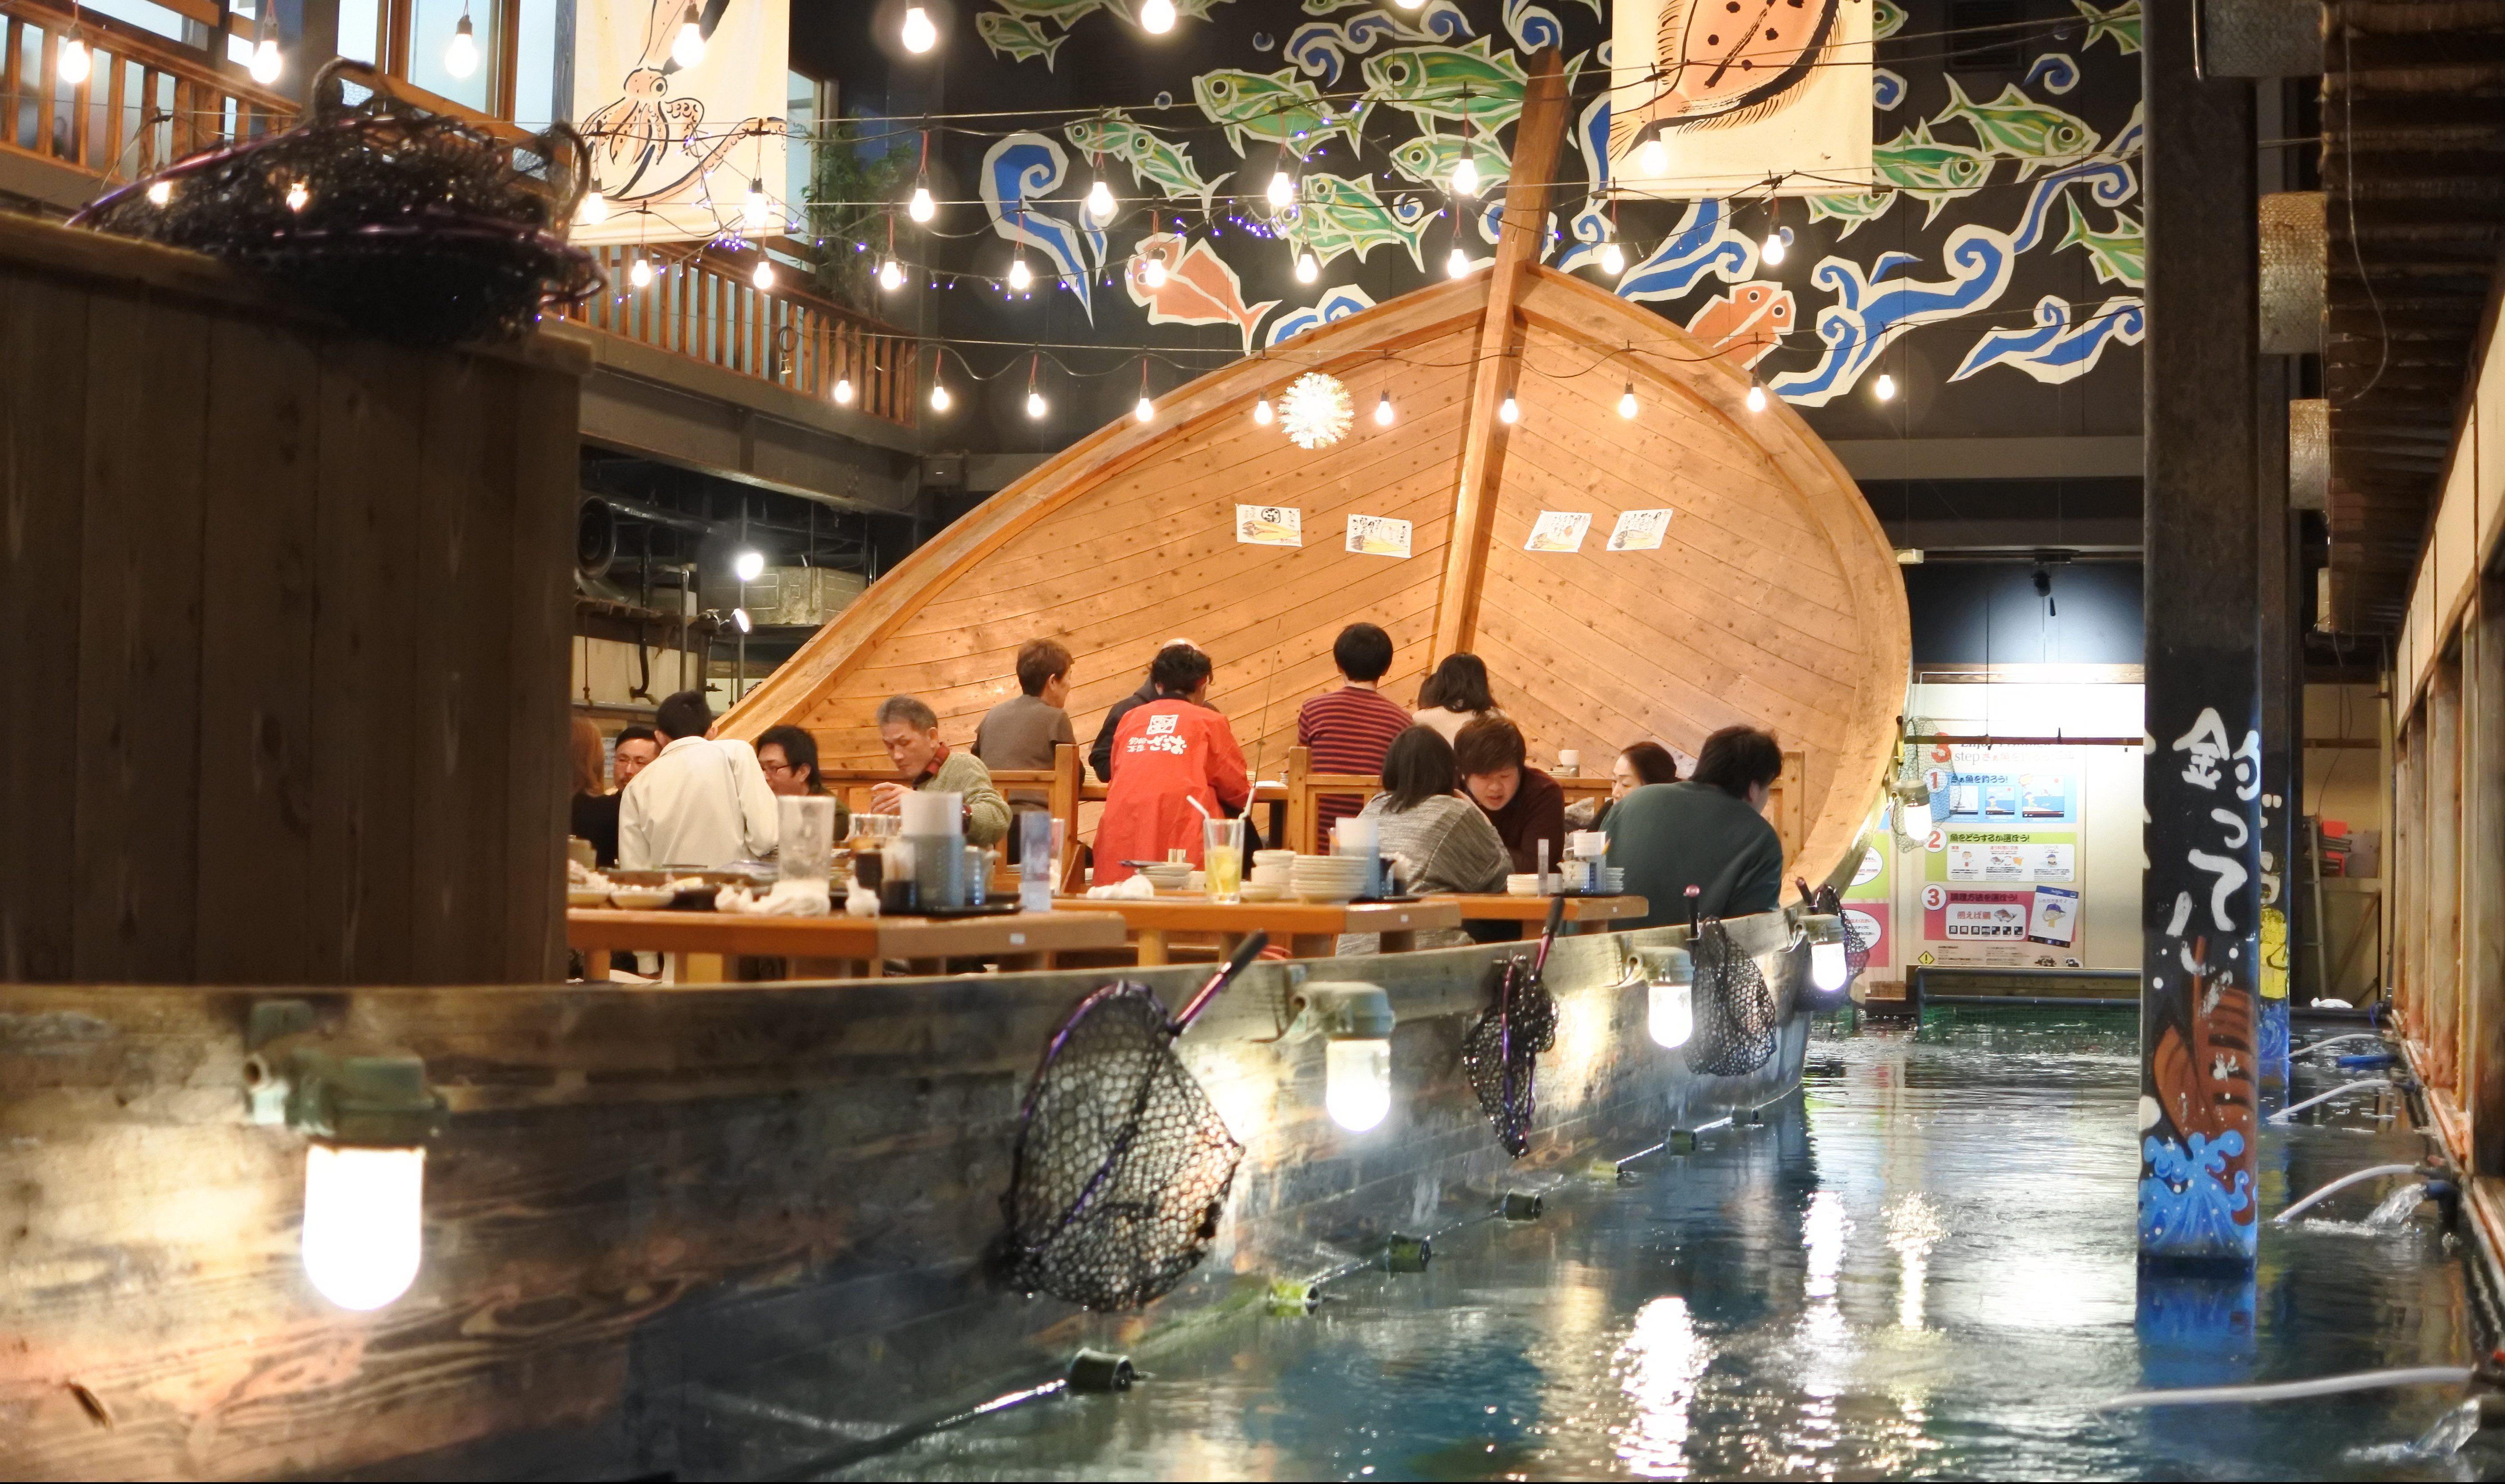 自分で釣った魚が食べられる!『釣船茶屋 ざうお小牧店』で釣り体験をしてきた - DSC 1109 e1519104437944